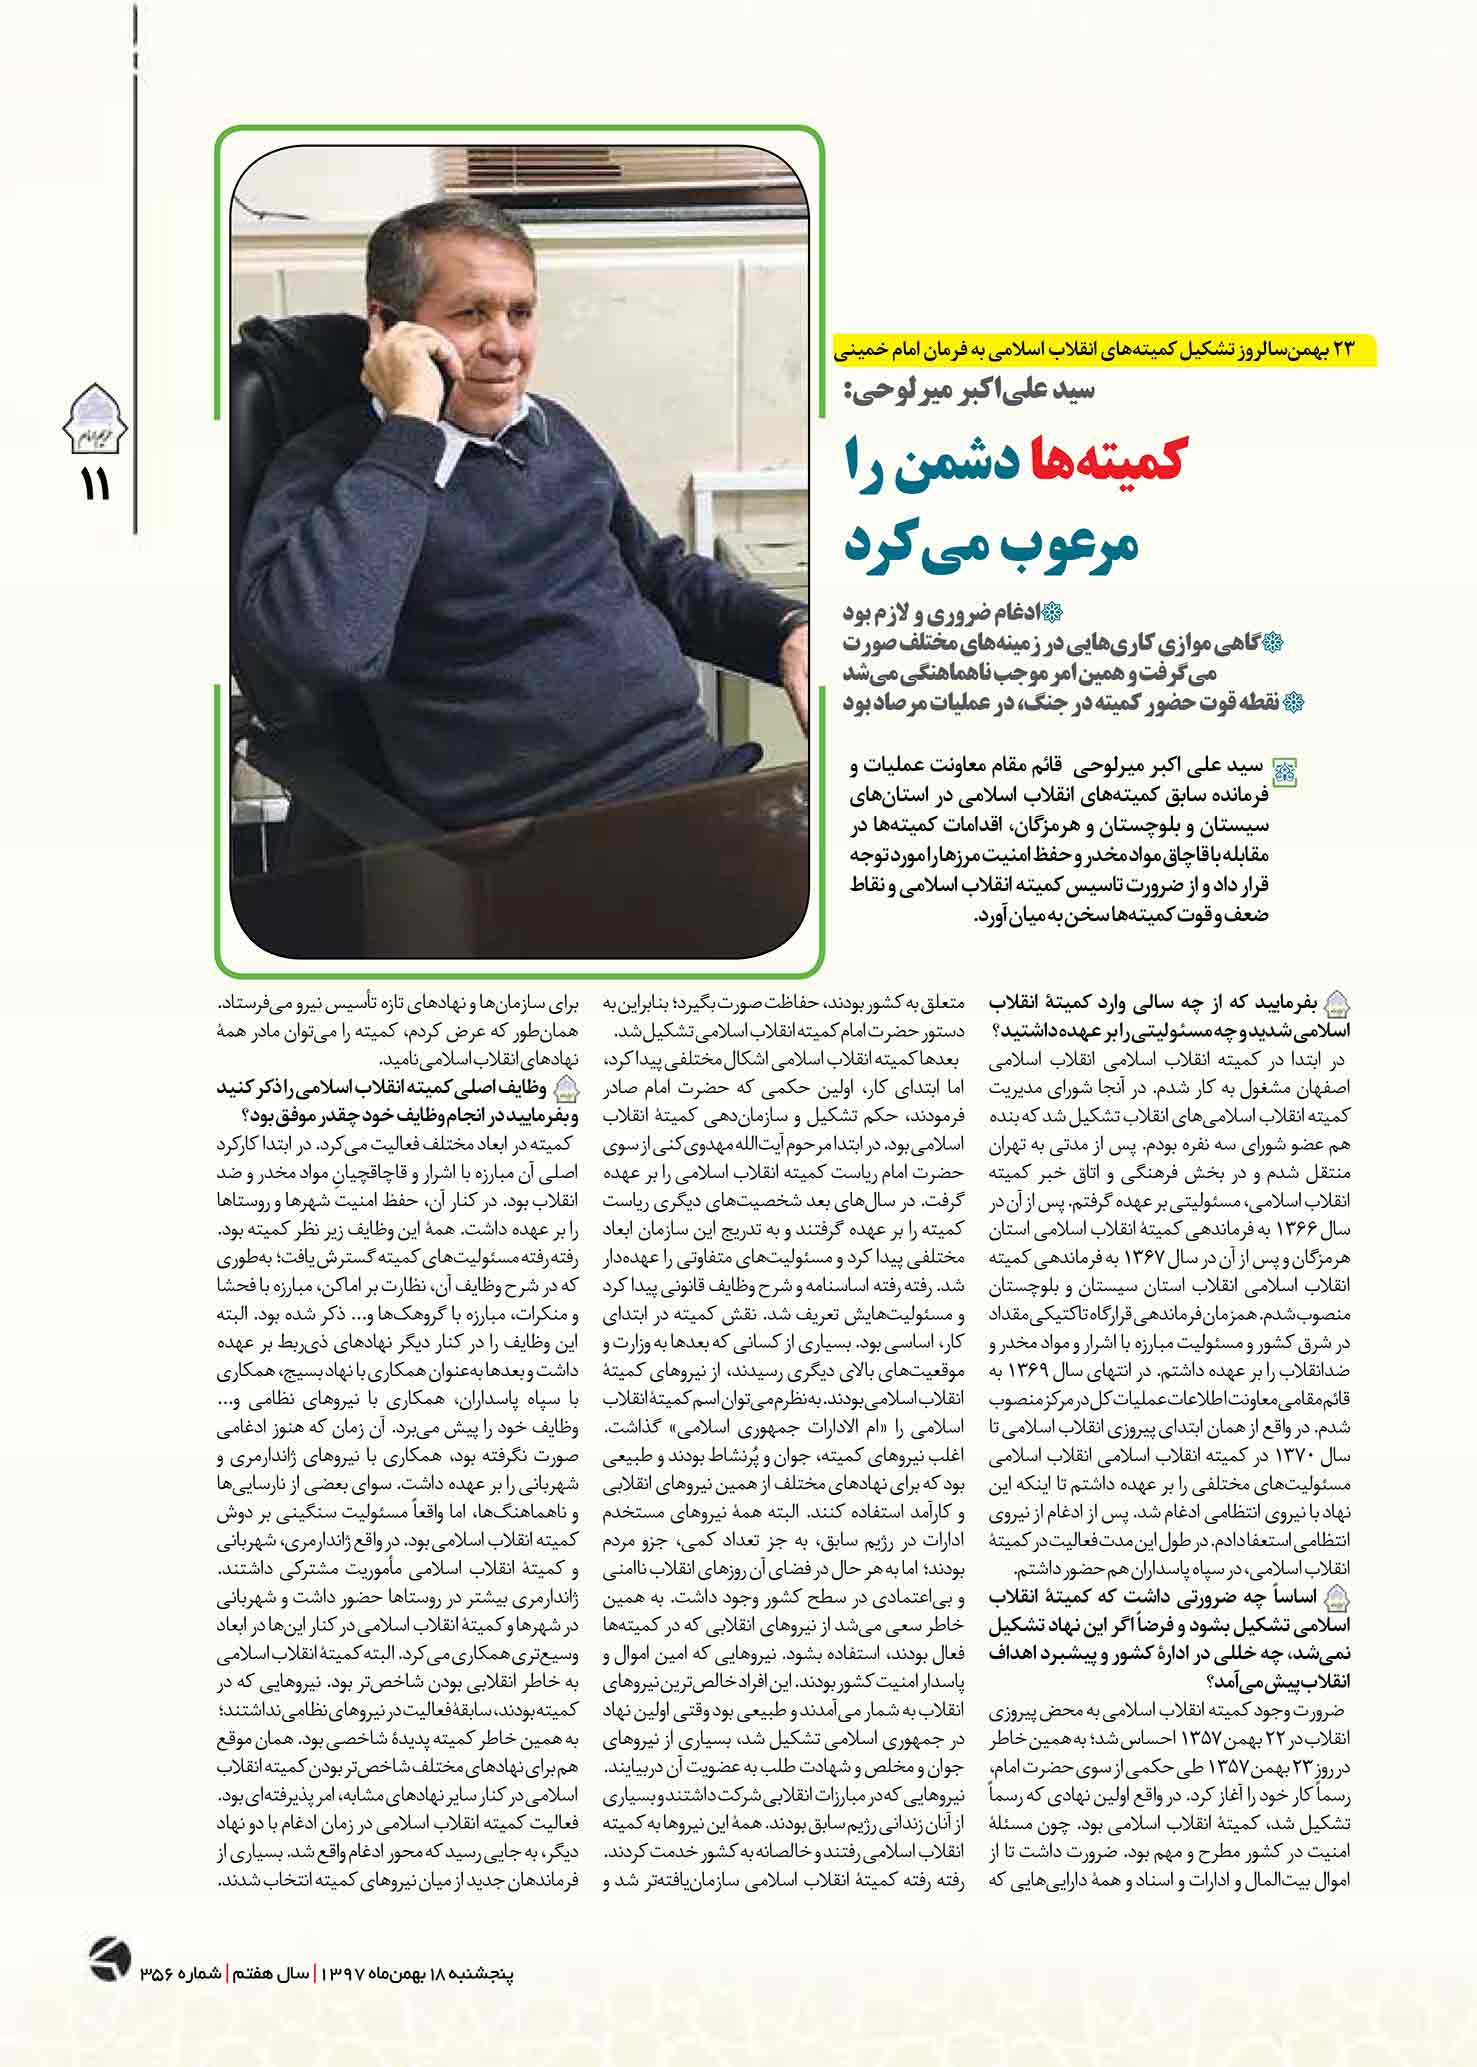 D:\خلوجینی\New folder\@harim_emam356-11.jpg